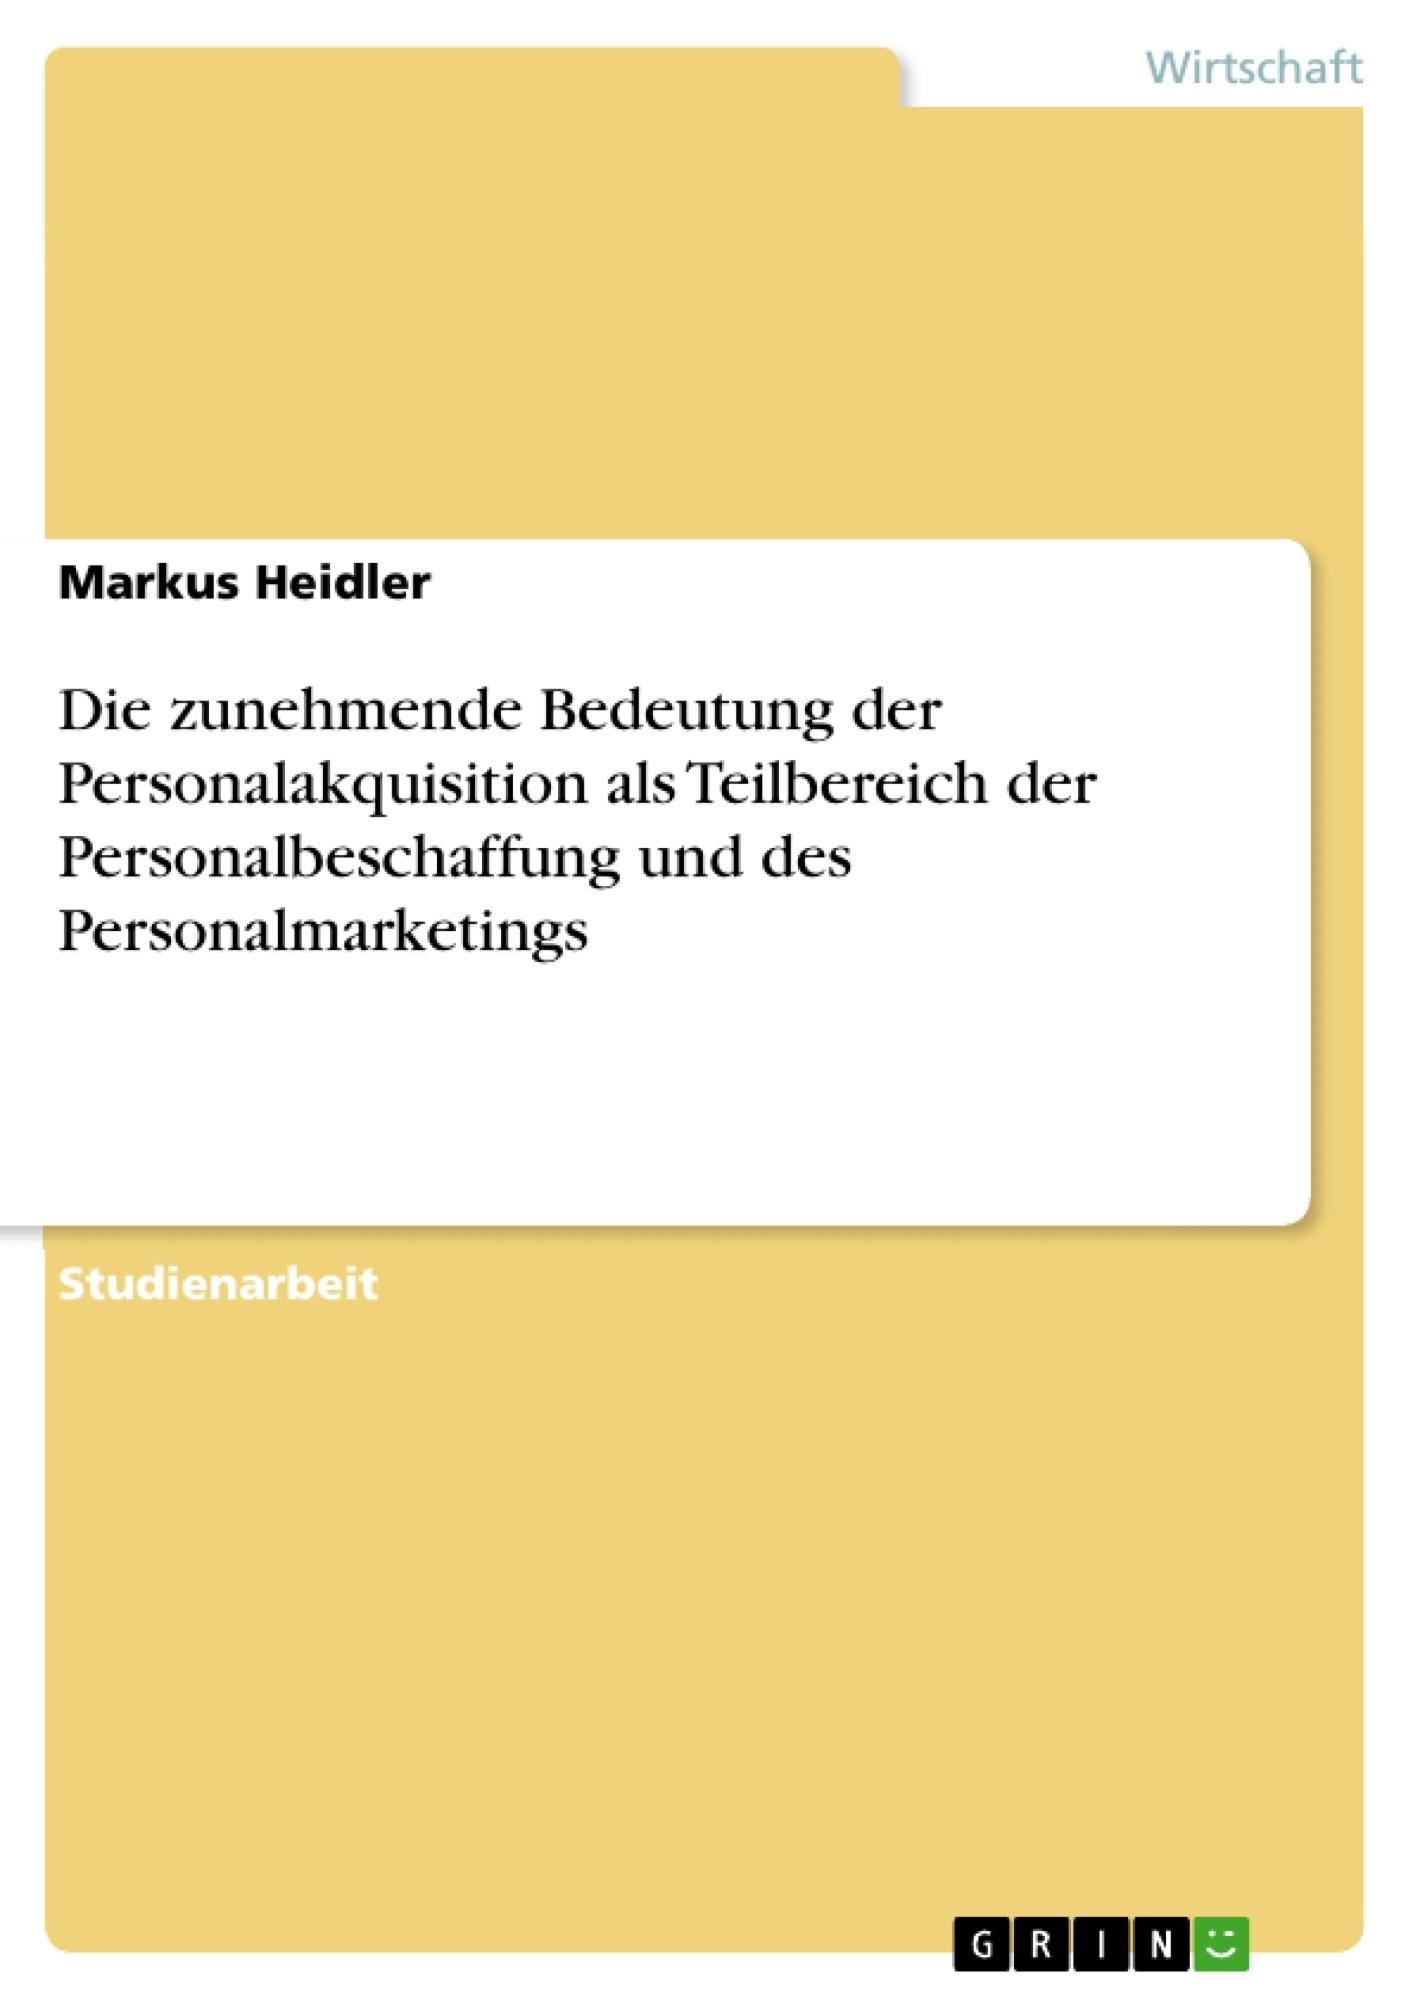 Titel: Die zunehmende Bedeutung der Personalakquisition als Teilbereich der Personalbeschaffung und des Personalmarketings